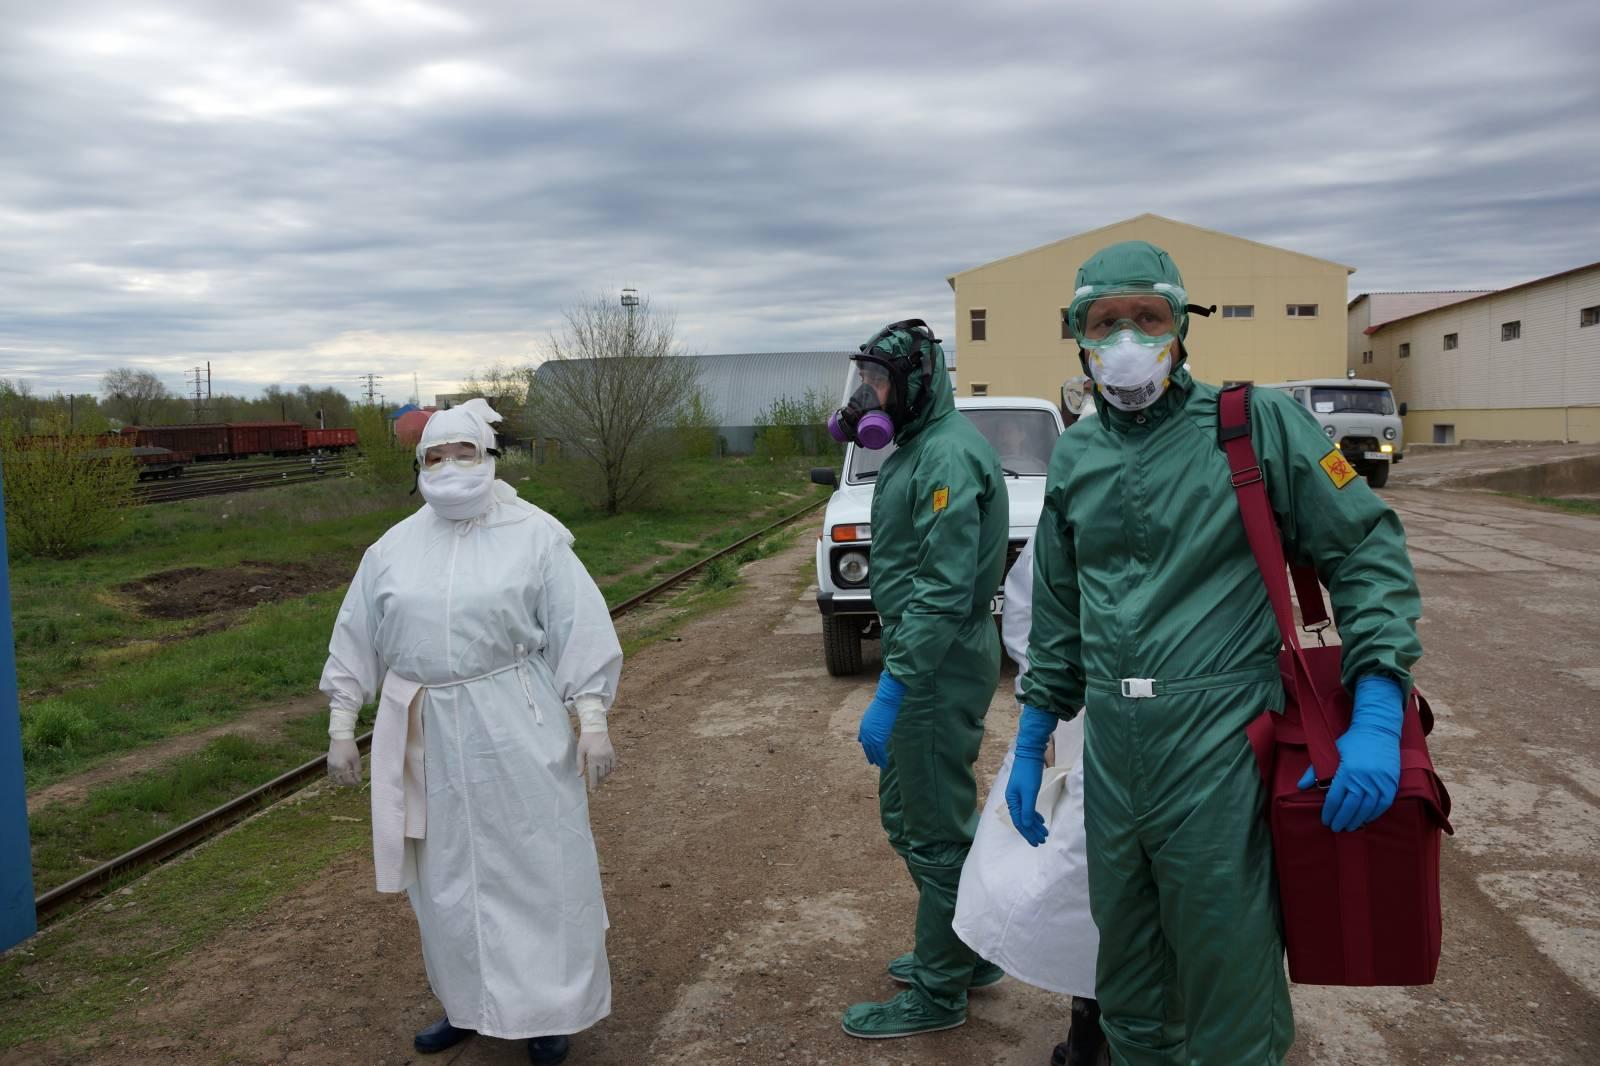 защитный костюм от коронавируса для врачей